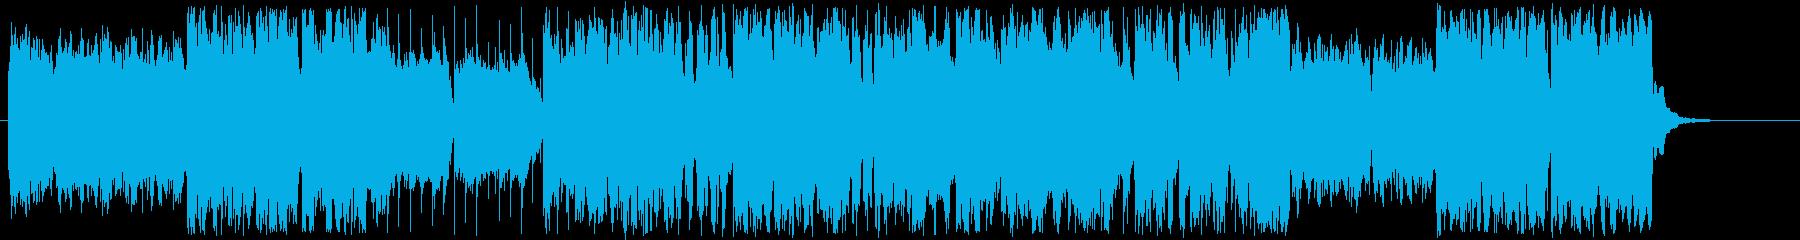 賑やかな民族音楽風の曲の再生済みの波形